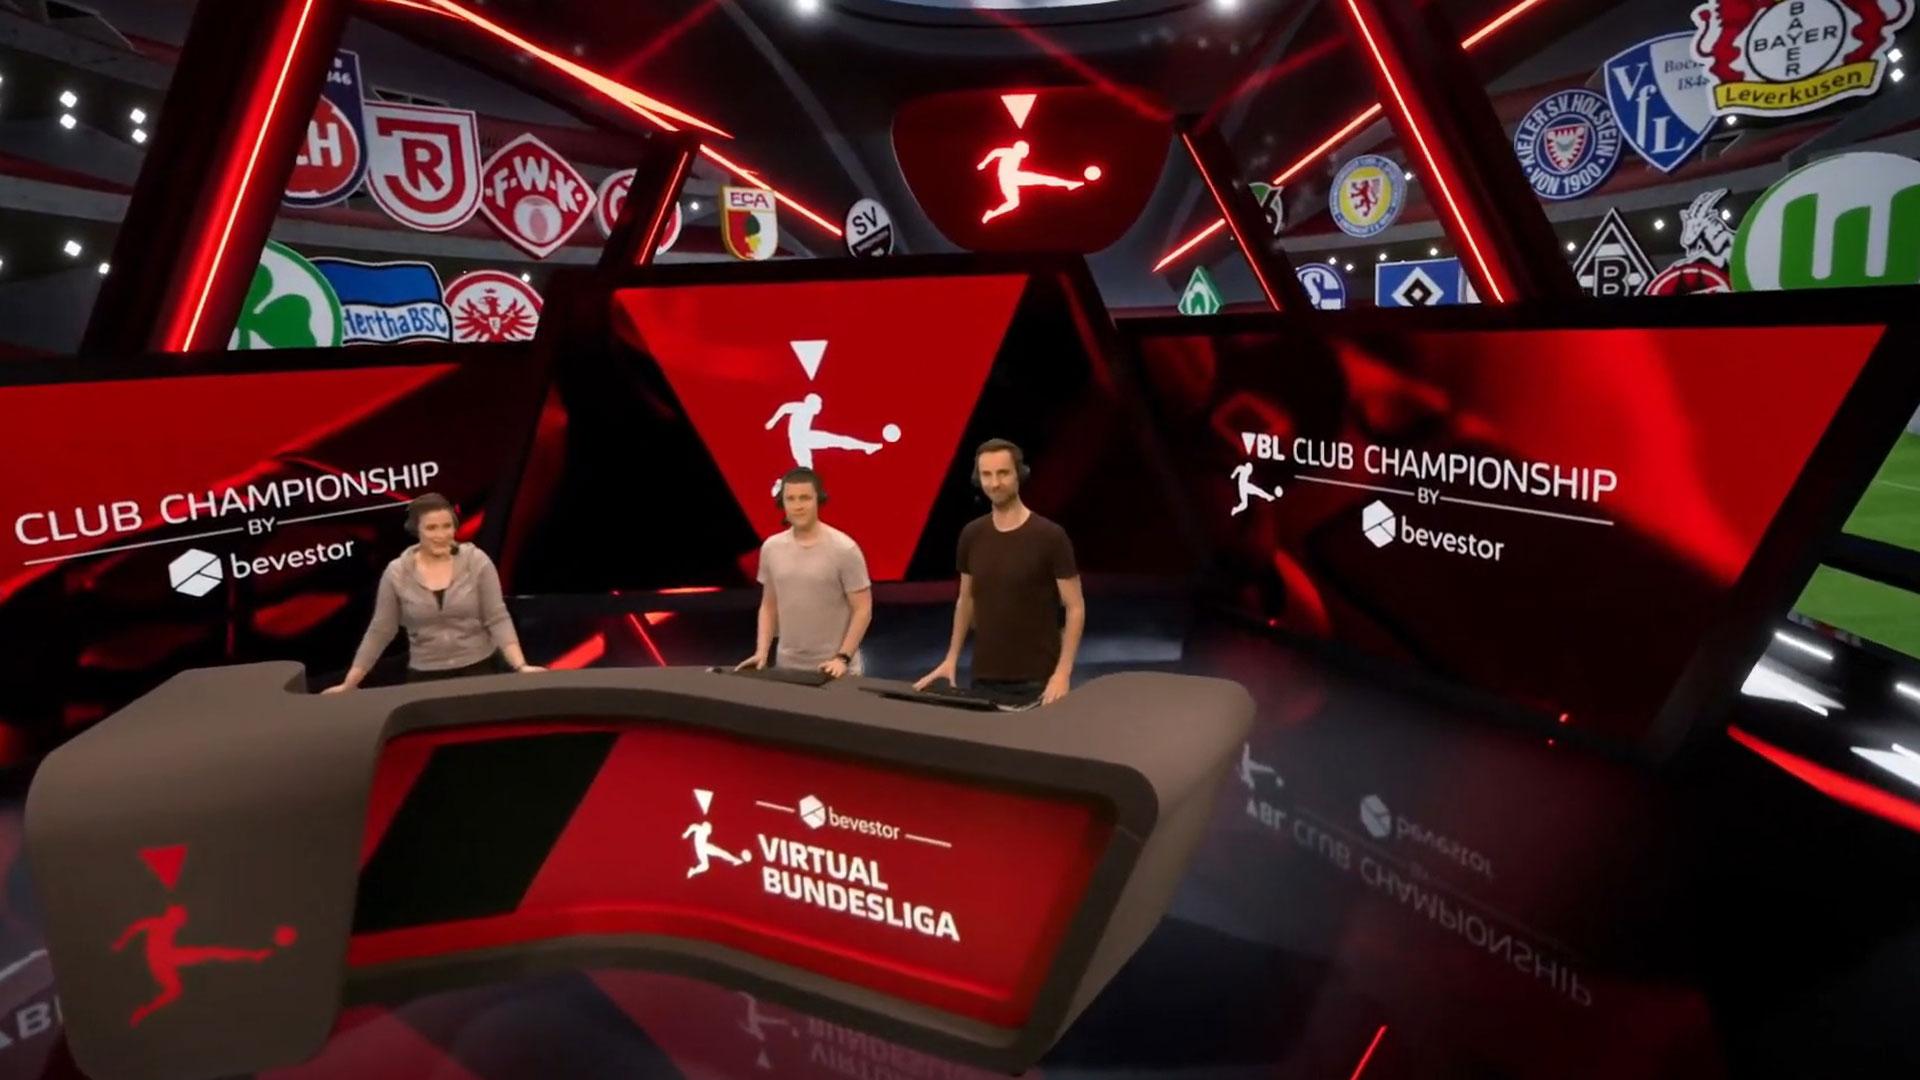 Virtual studio - VBL Club Championship